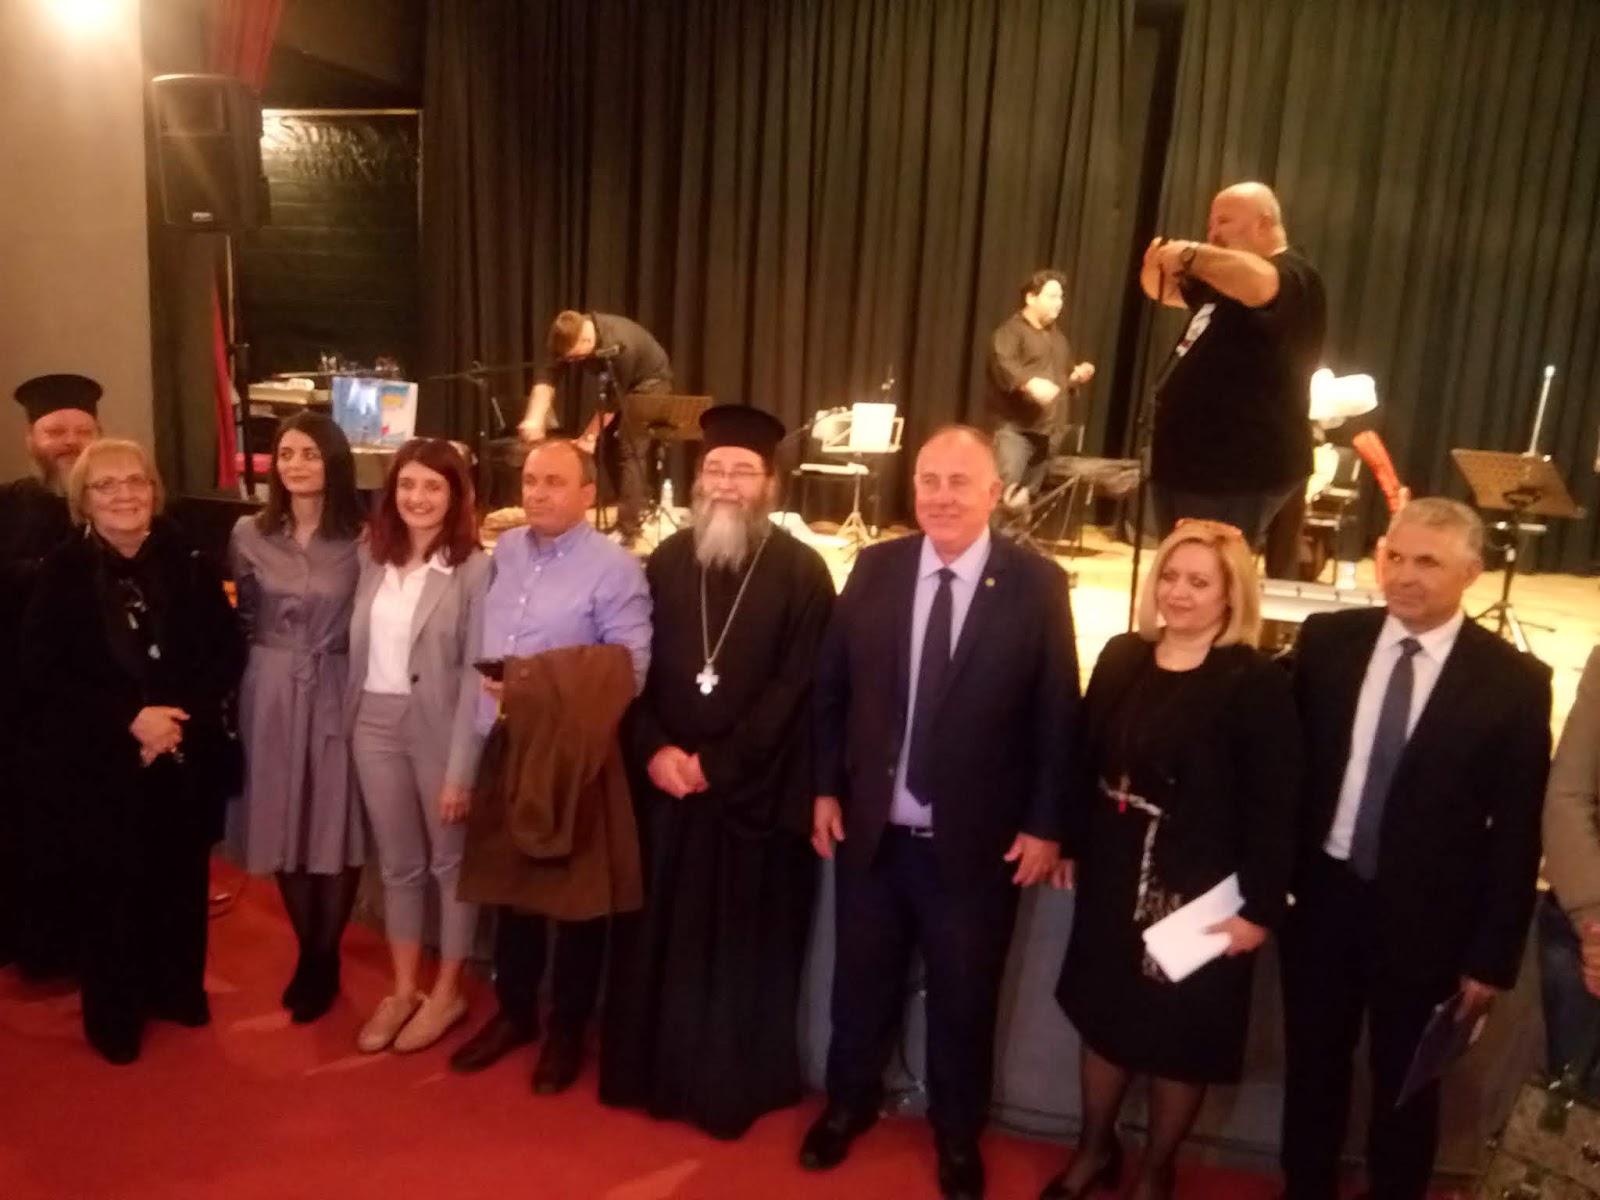 Μεγάλη εκδήλωση στο Βελεστίνο για τον «Εσταυρωμένο»